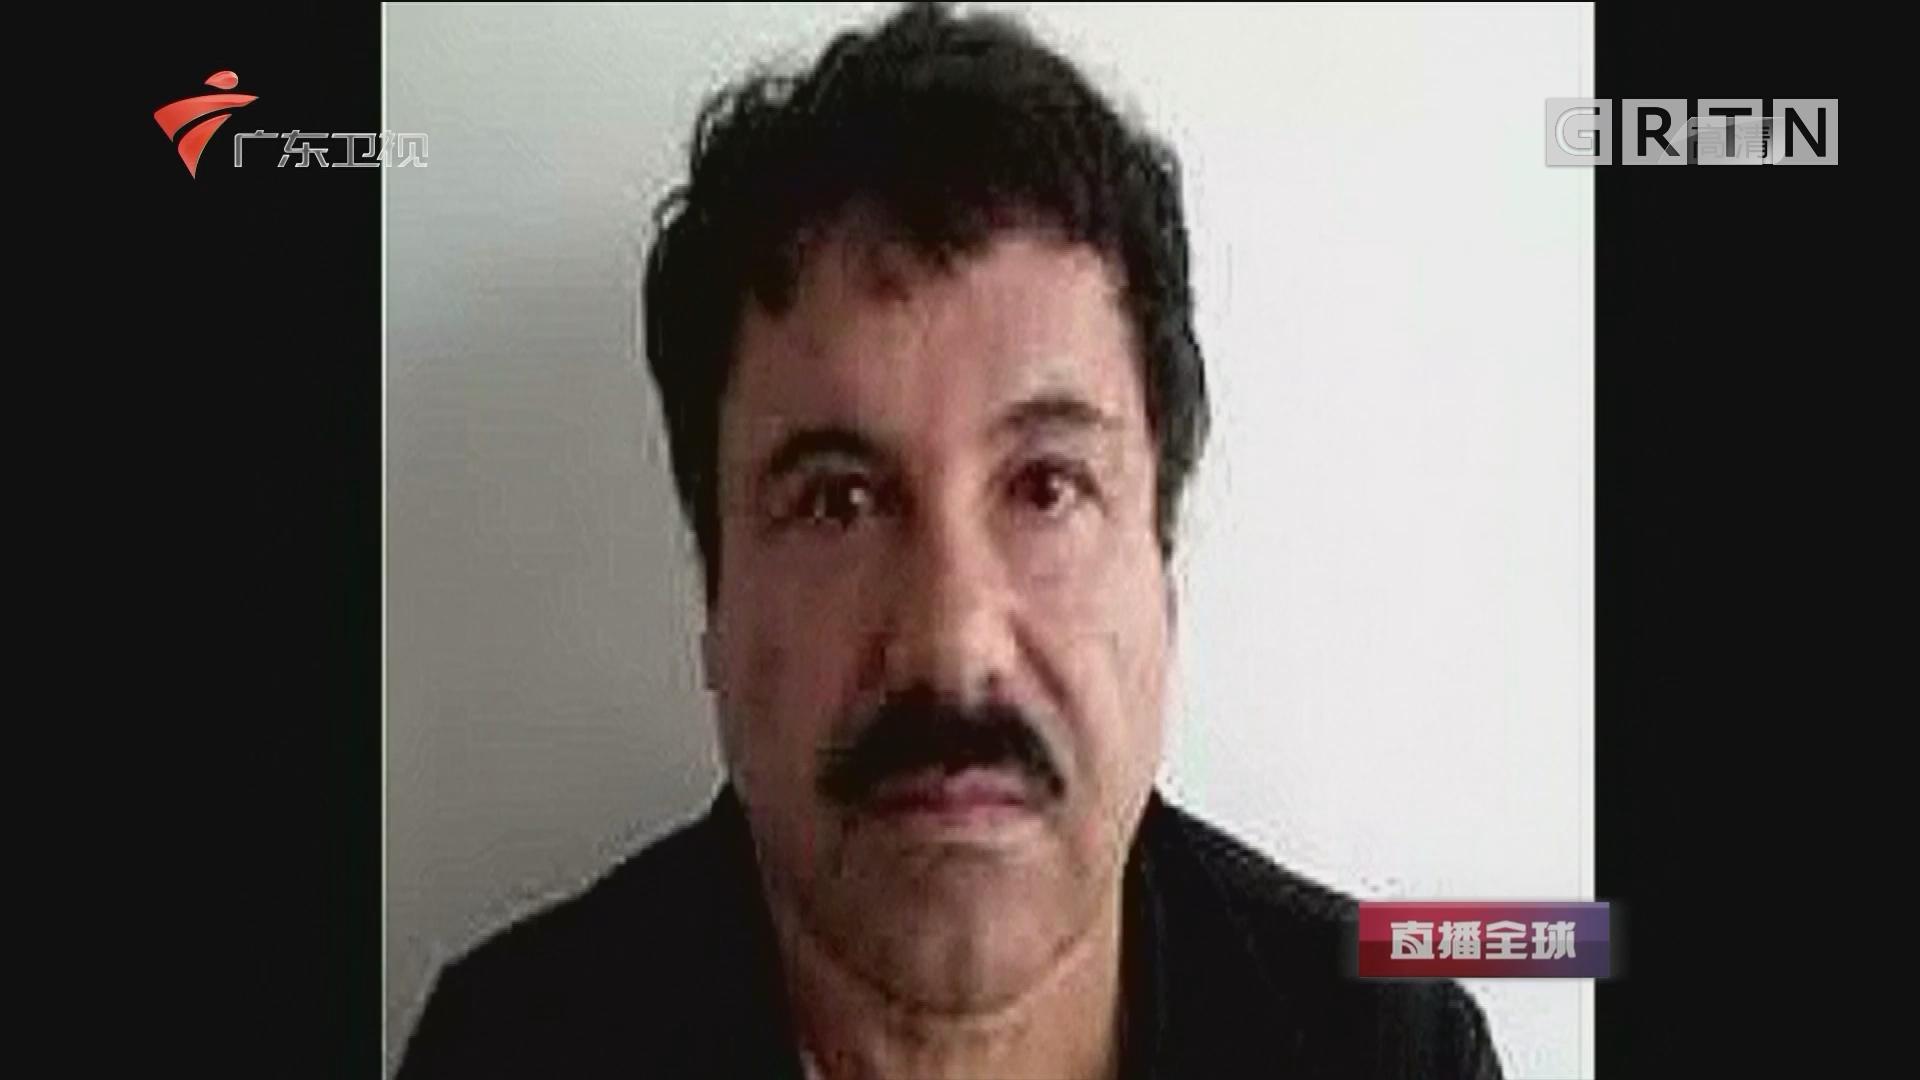 古斯曼曾两次越狱 被引渡至美国受审:2001年第一次越狱